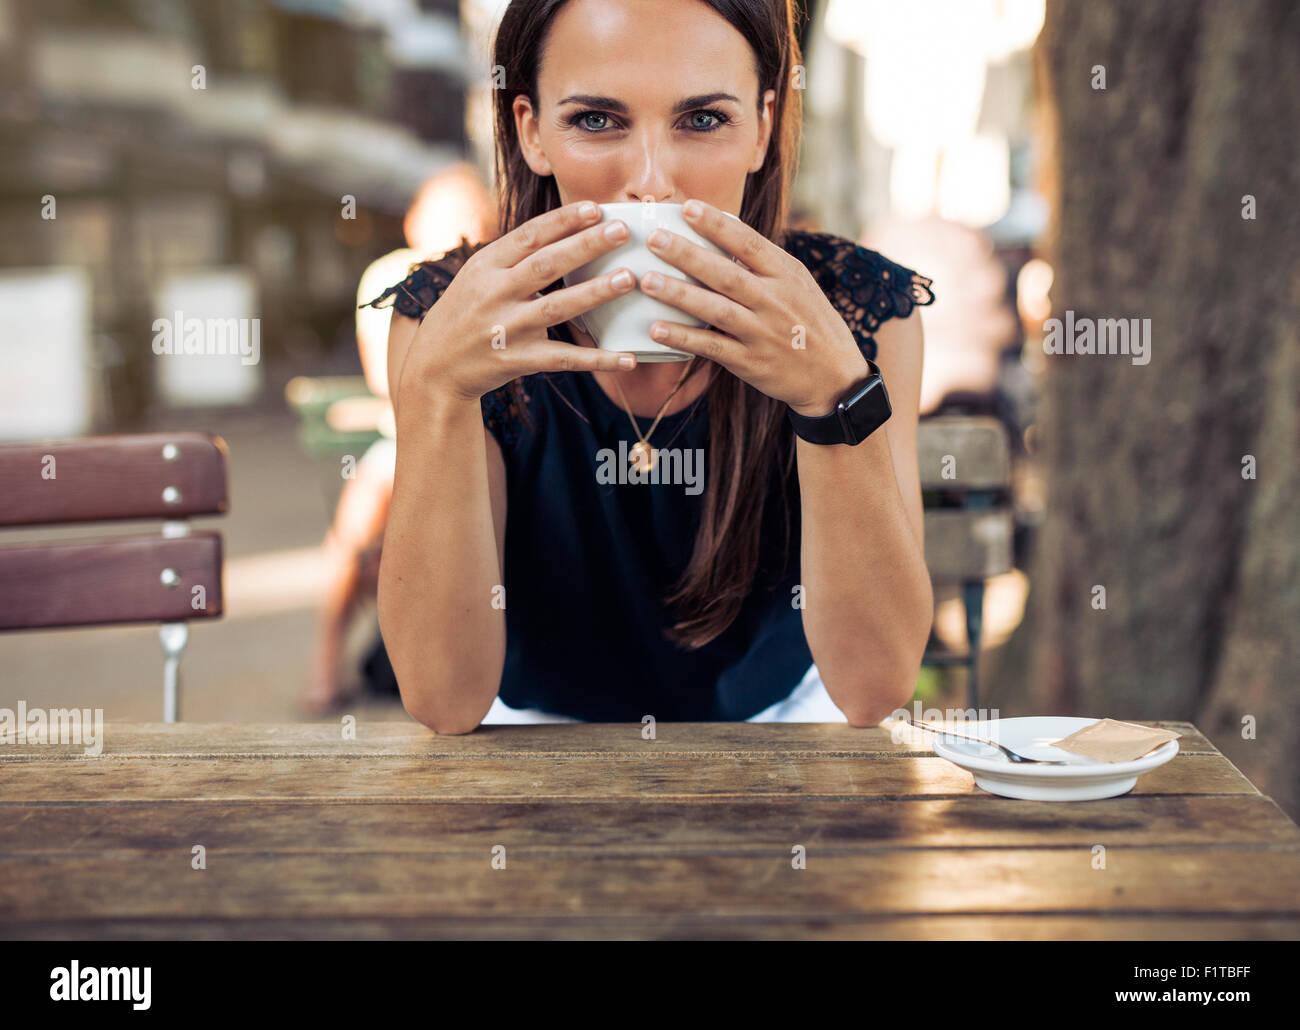 Junge Frau in einem Café Kaffee zu trinken und in die Kamera schaut. Kaukasischen Frauen sitzen am Tisch mit Stockbild